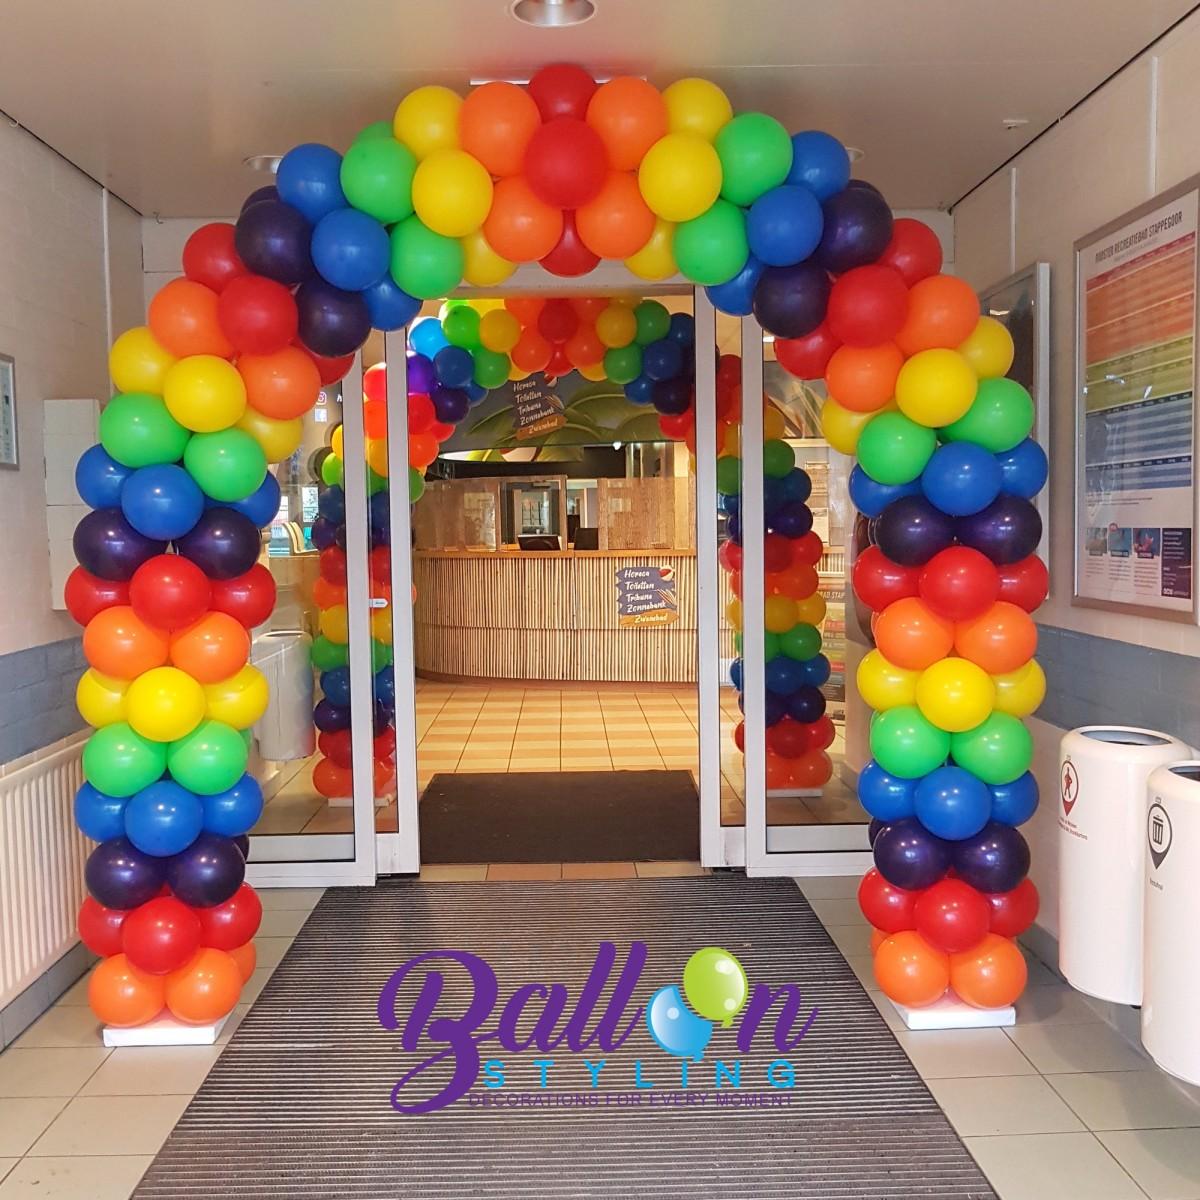 Balloon-Styling-ballonnenboog-ballonboog-regenboog-recreatiebad-Stappegoor-ballonnen-Tilburg